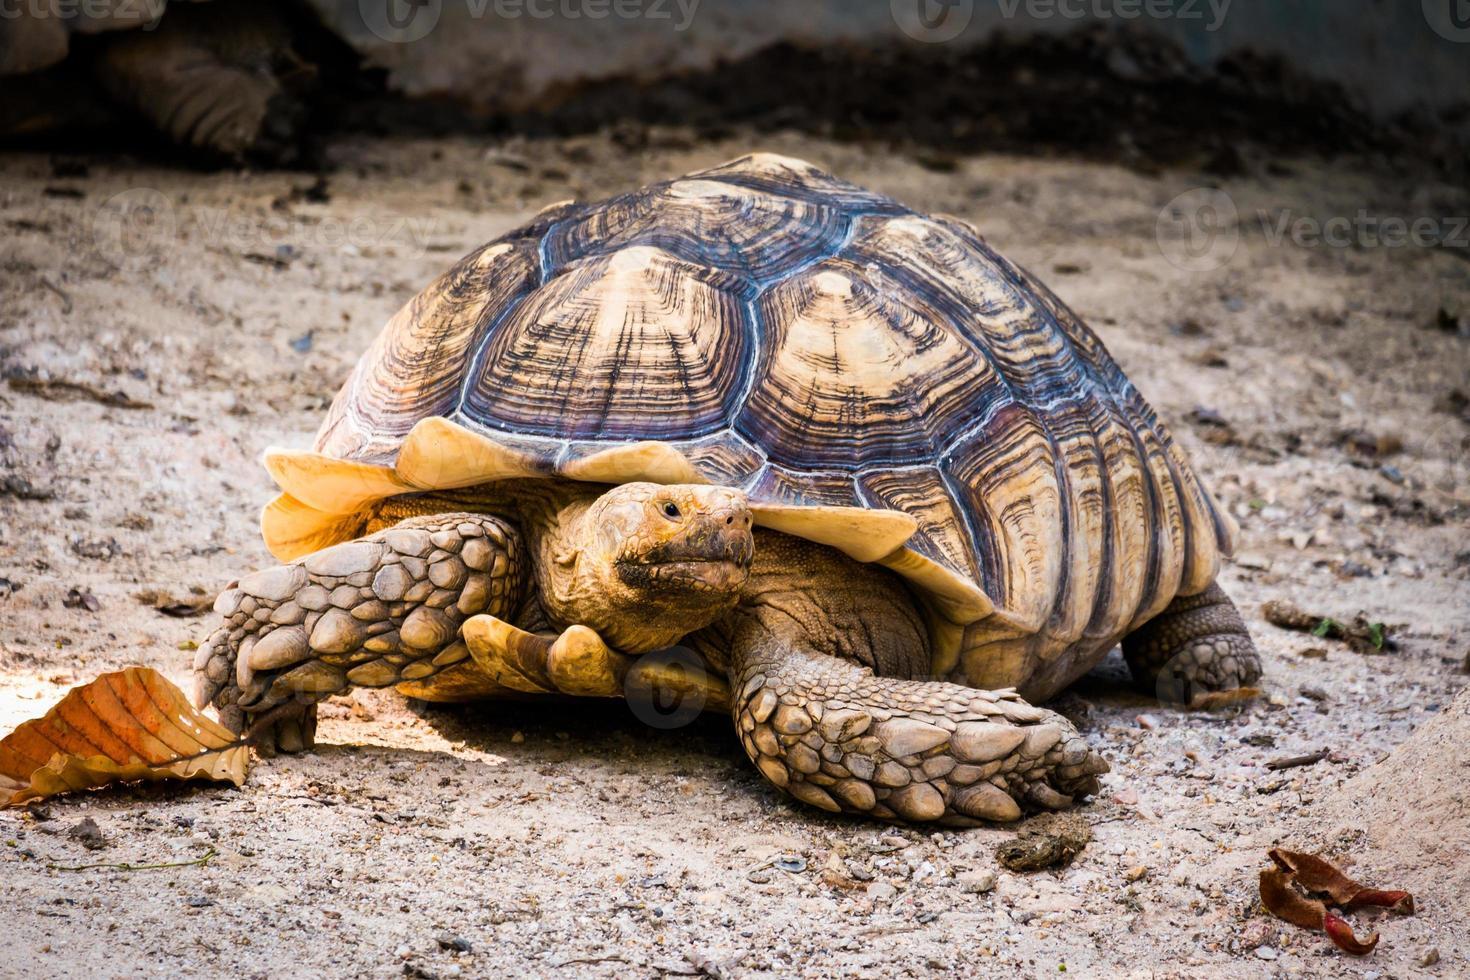 Schildkröte in der Natur foto